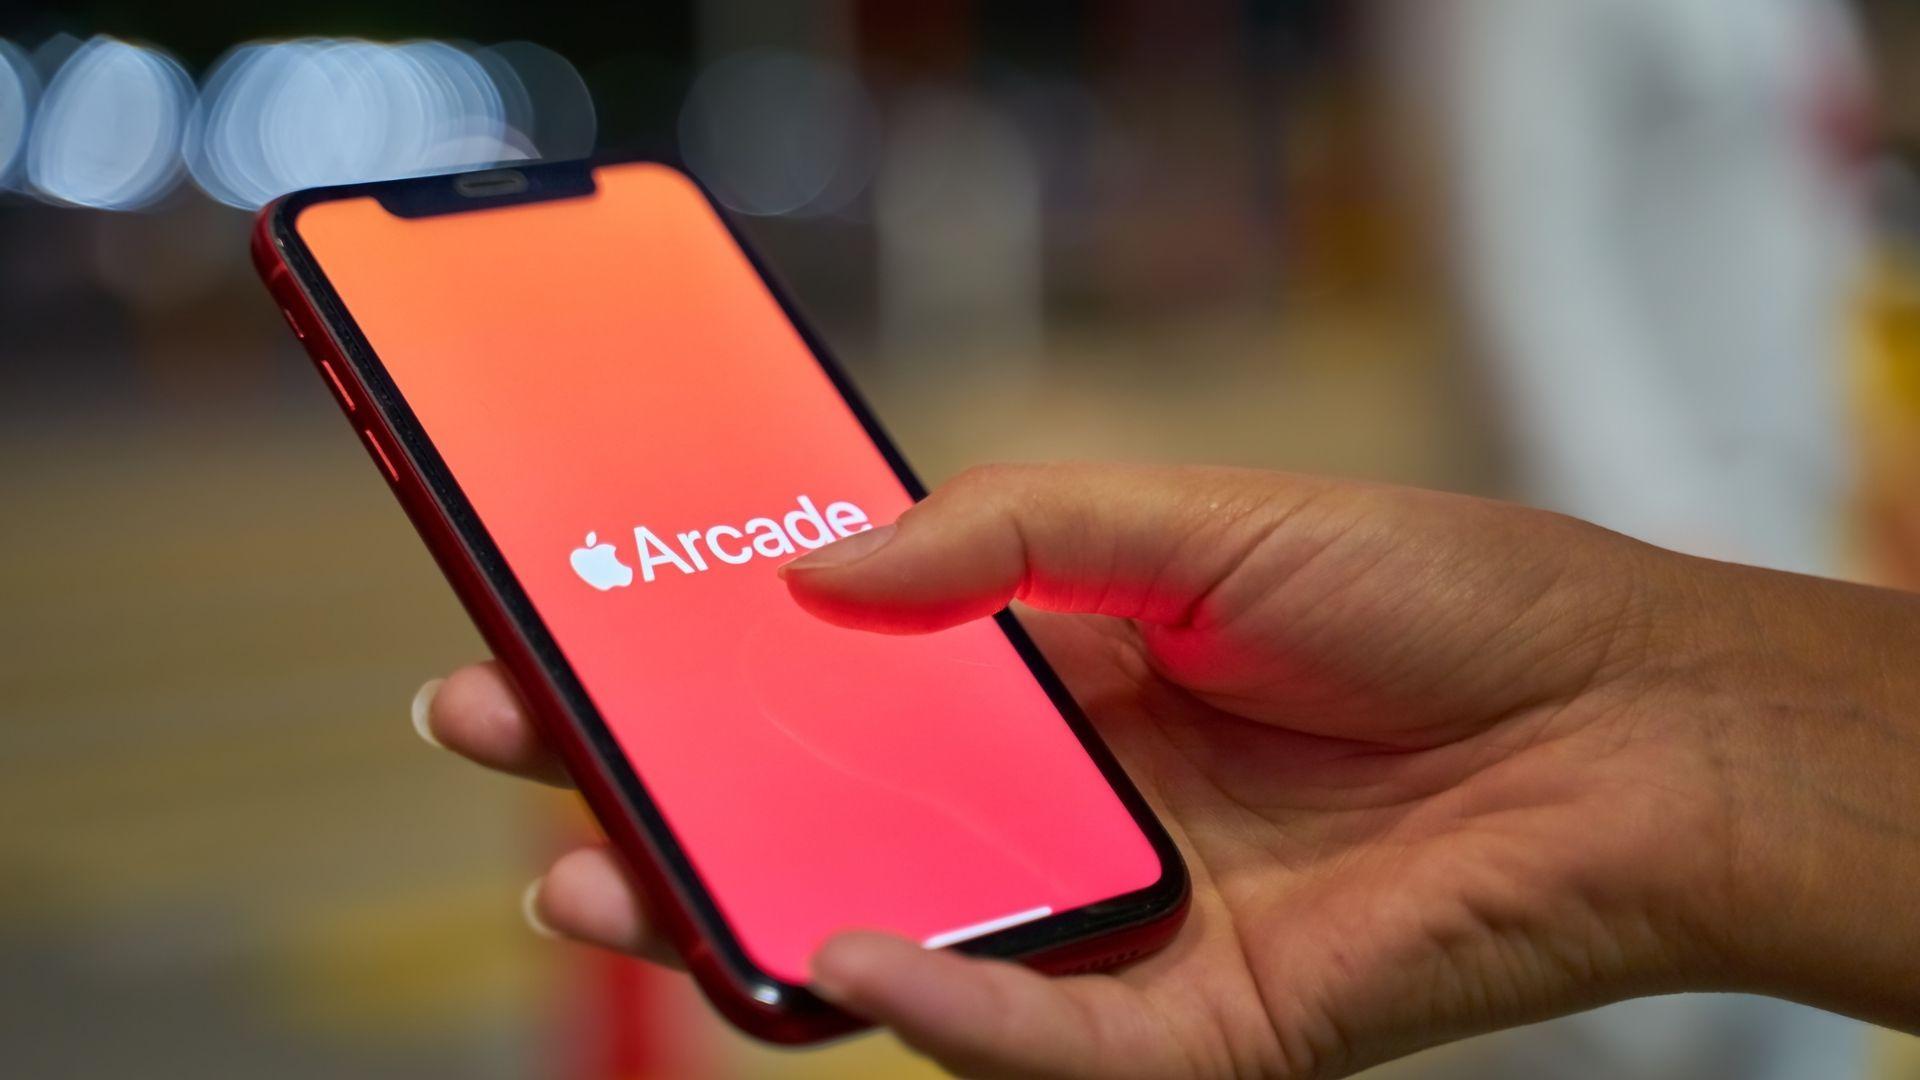 Mão de mulher segurando iPhone vermelho com Apple Arcade na tela